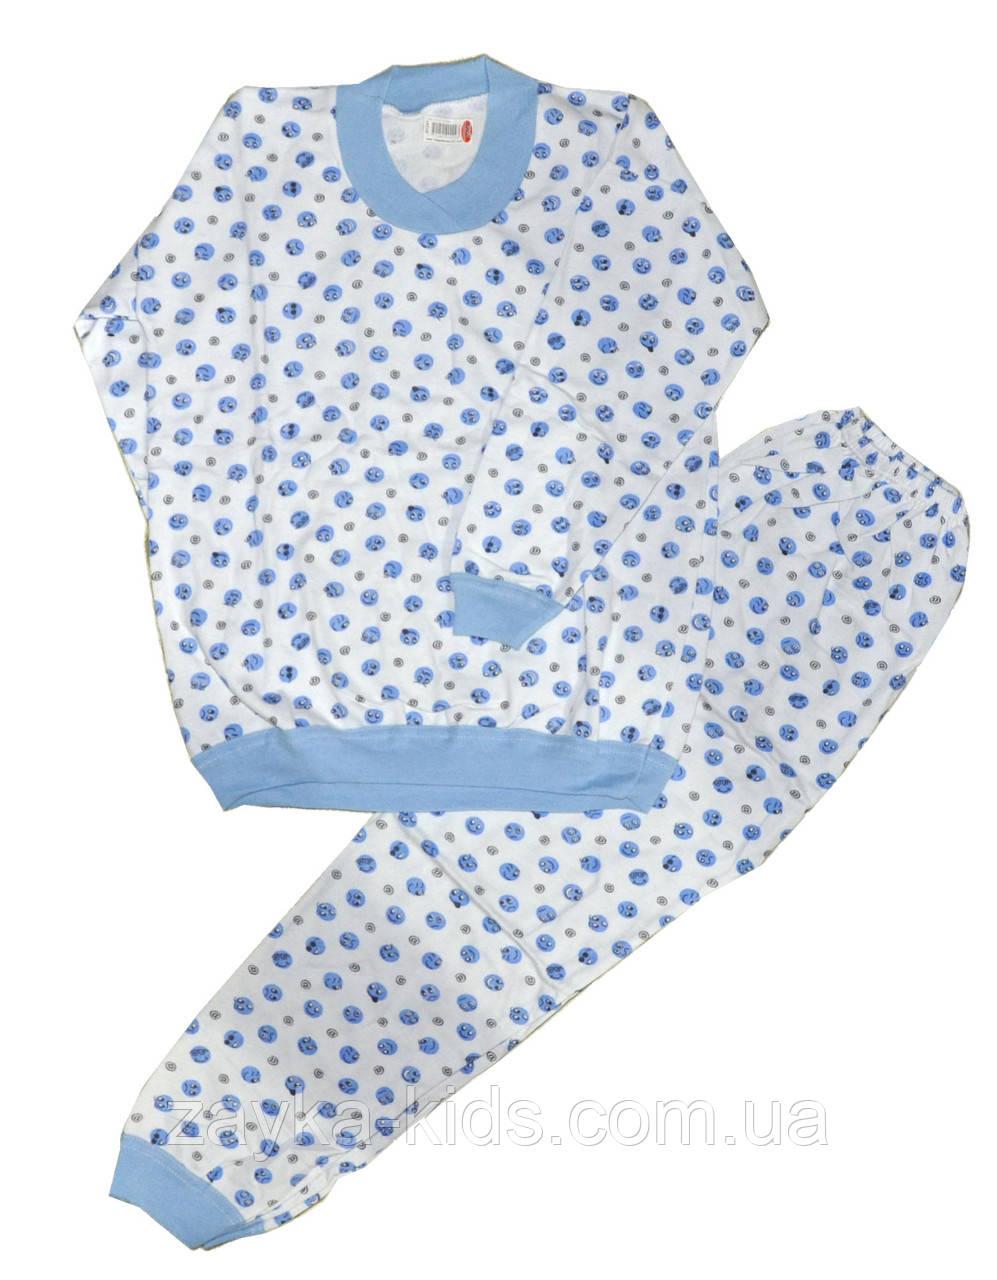 """Пижама детская трикотажная с начесом для мальчиков. размеры 9-10 лет - """"ZAYKA"""" Оптовая продажа детской одежды в Одессе"""